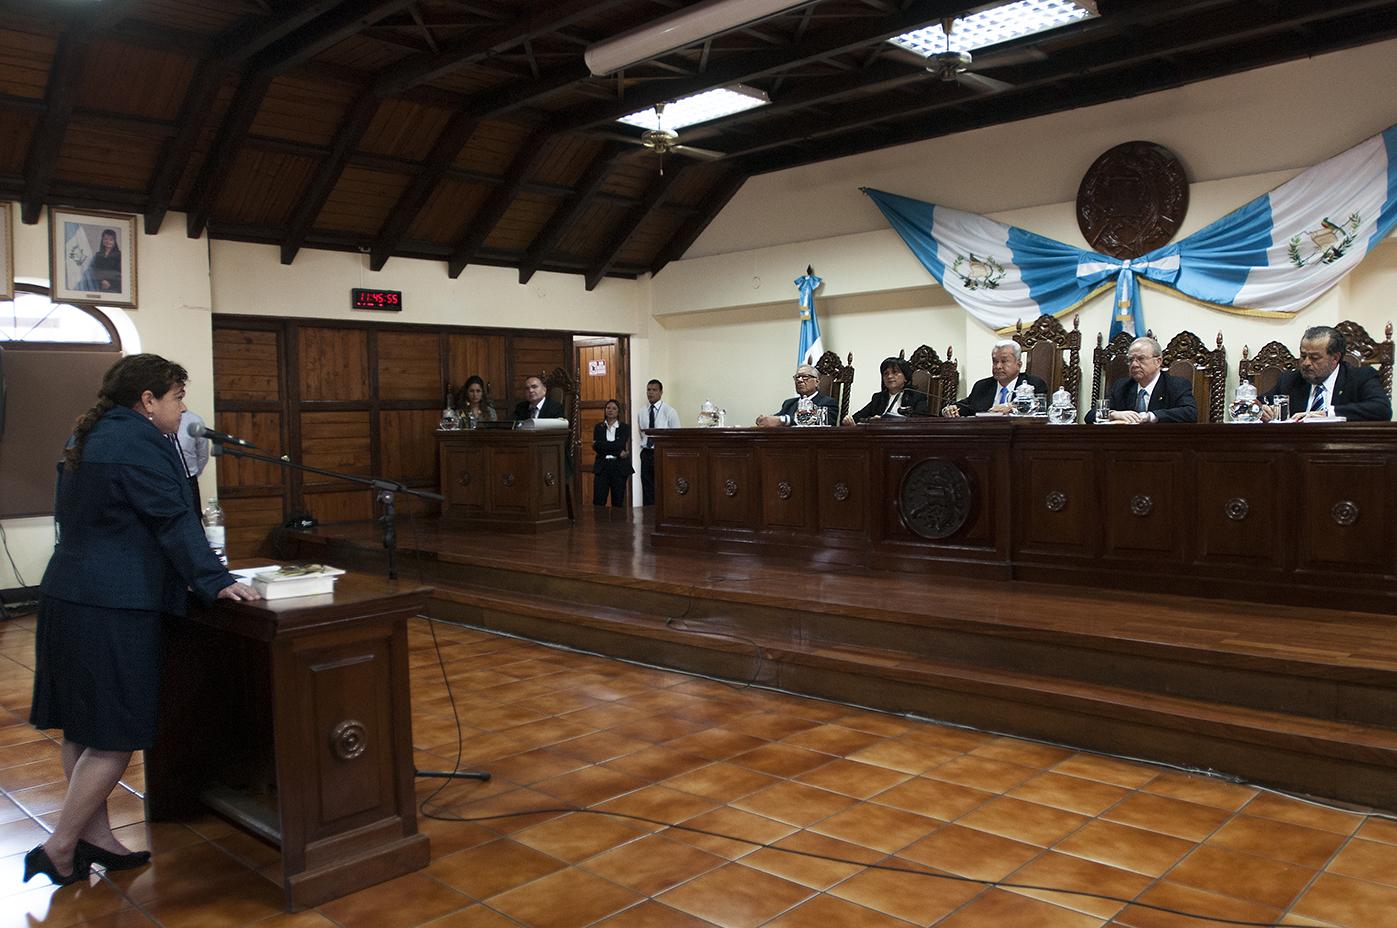 La Corte de Constitucionalidad dijo que el período de Paz y Paz debía terminar en mayo, no en diciembre como lo ordena la Constitución, luego de un recurso de amparo que interpuso Ricardo Sagastume. Pese a dar sus argumentos ante los magistrados, la Fiscal debe dejar el cargo.